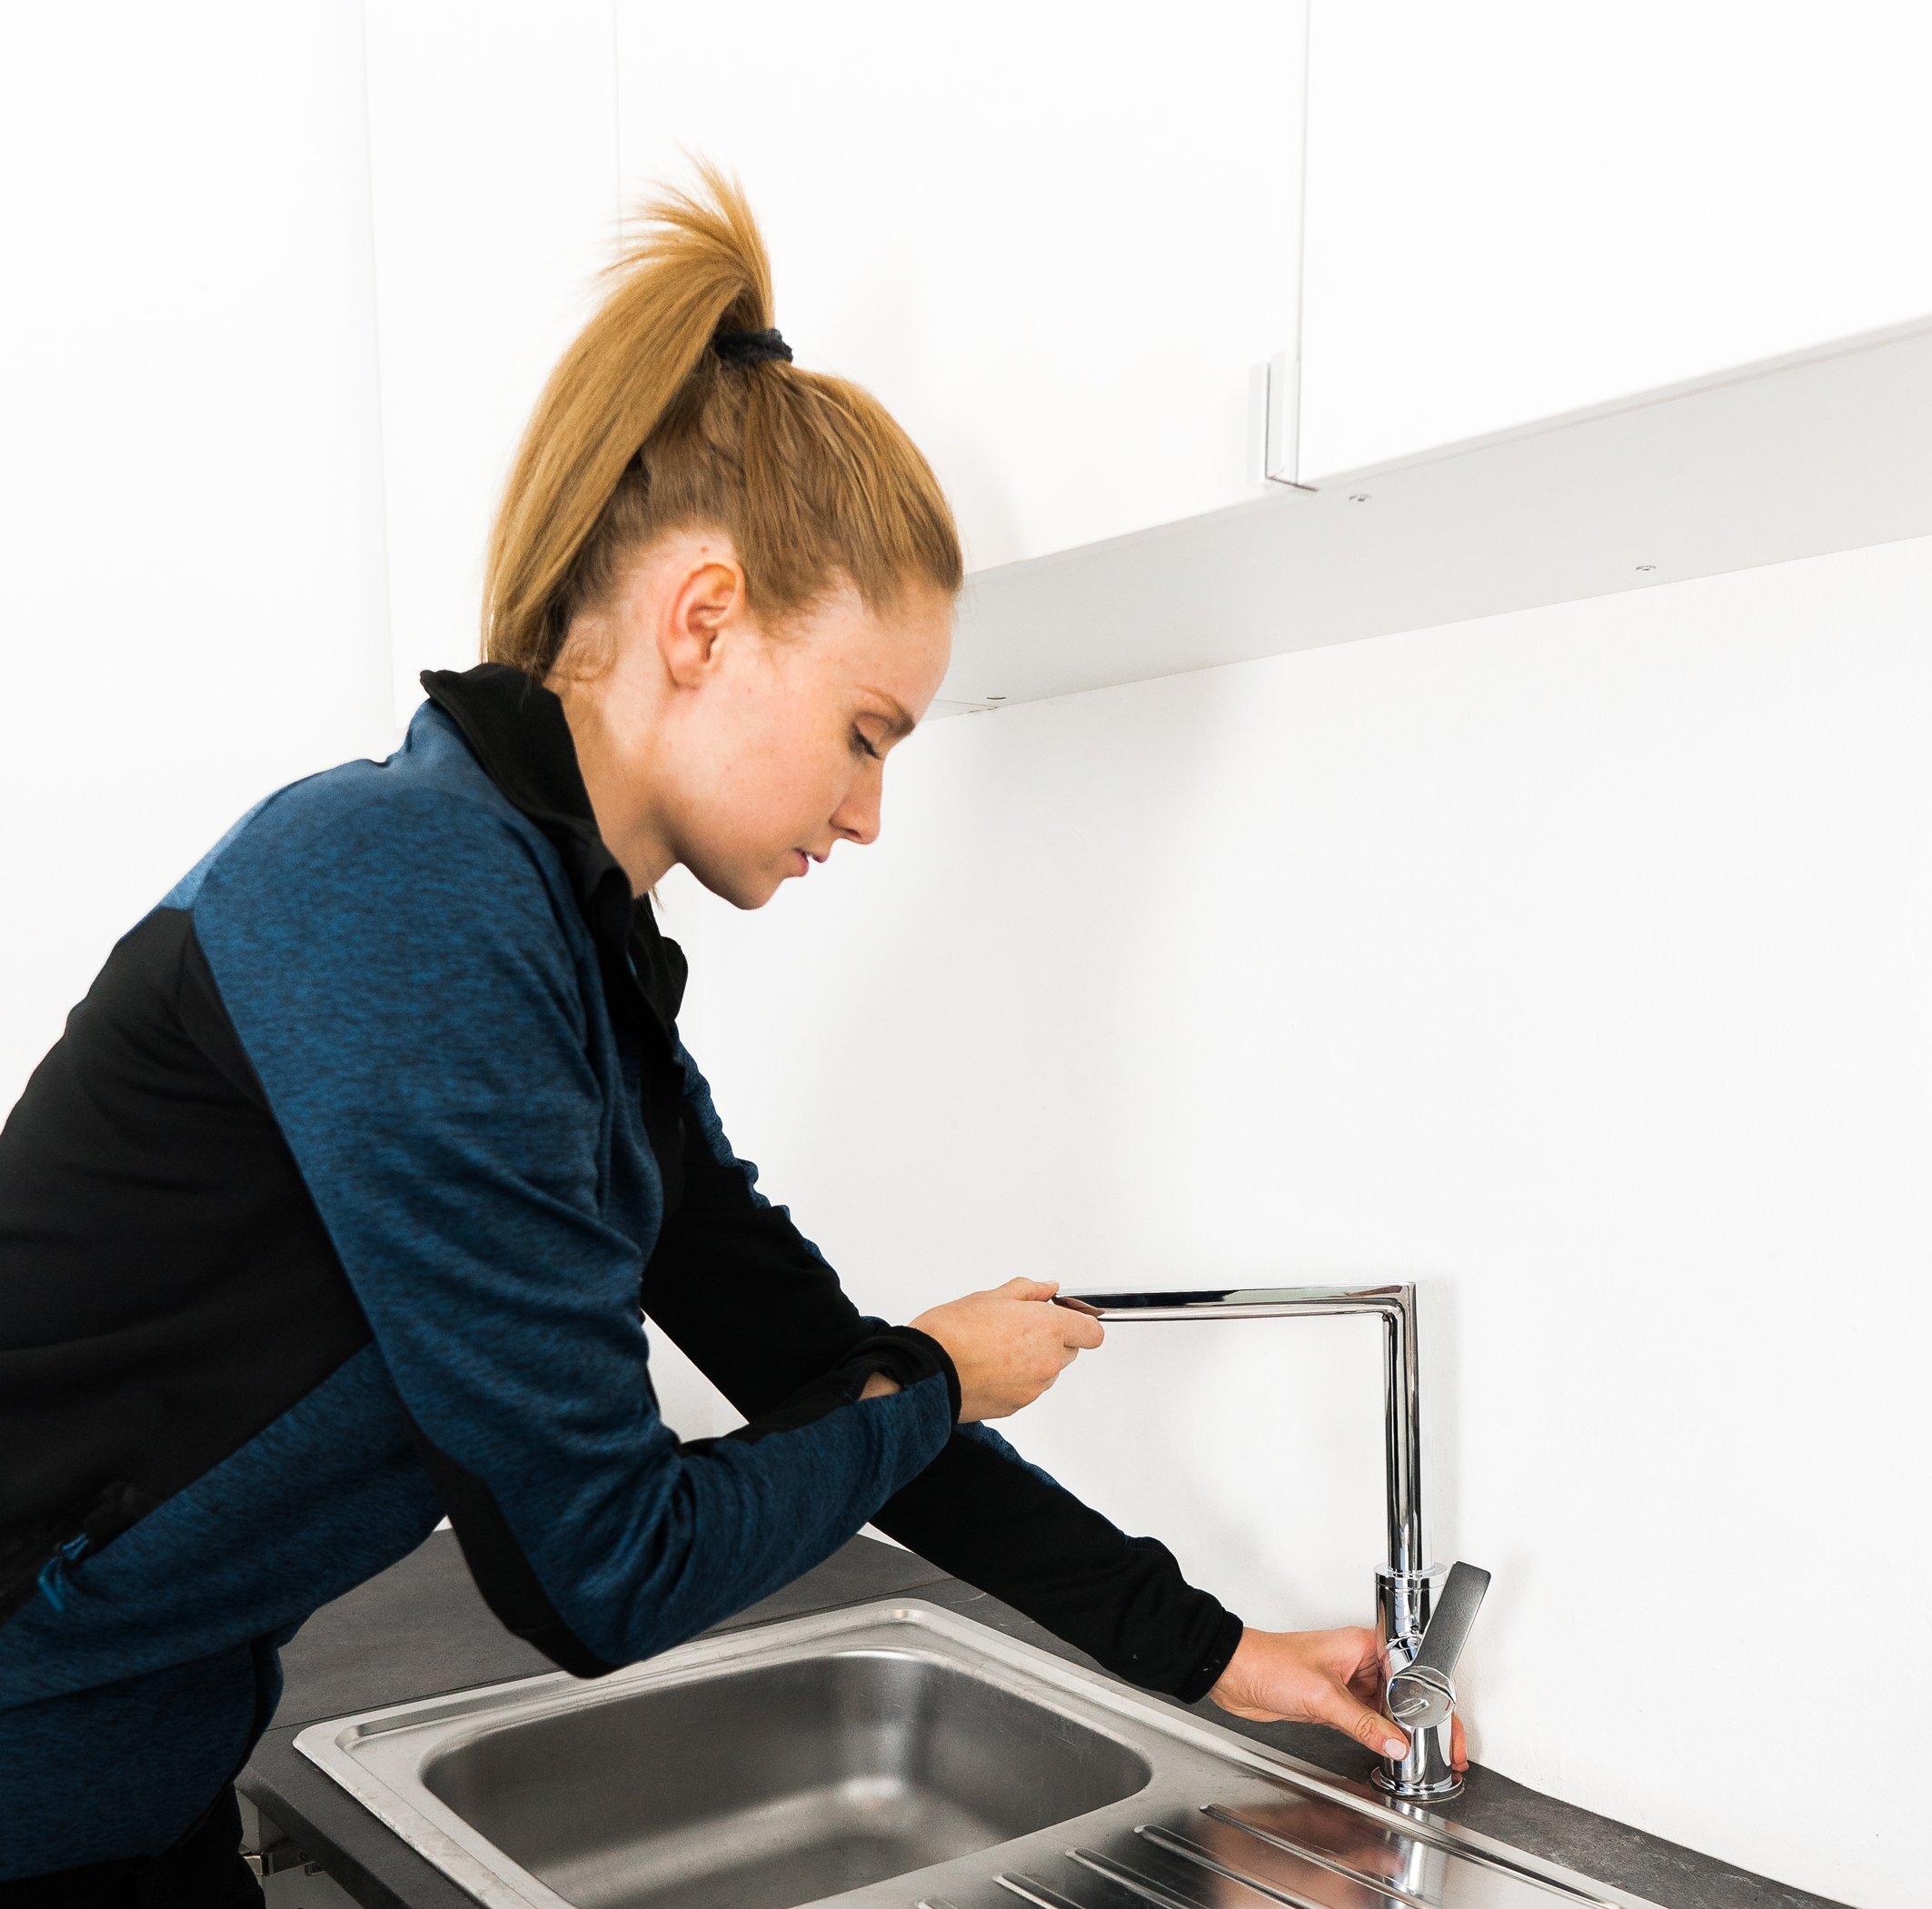 Bei Arbeiten an Spül- und Waschtisch ist Sicherheit das A und O.